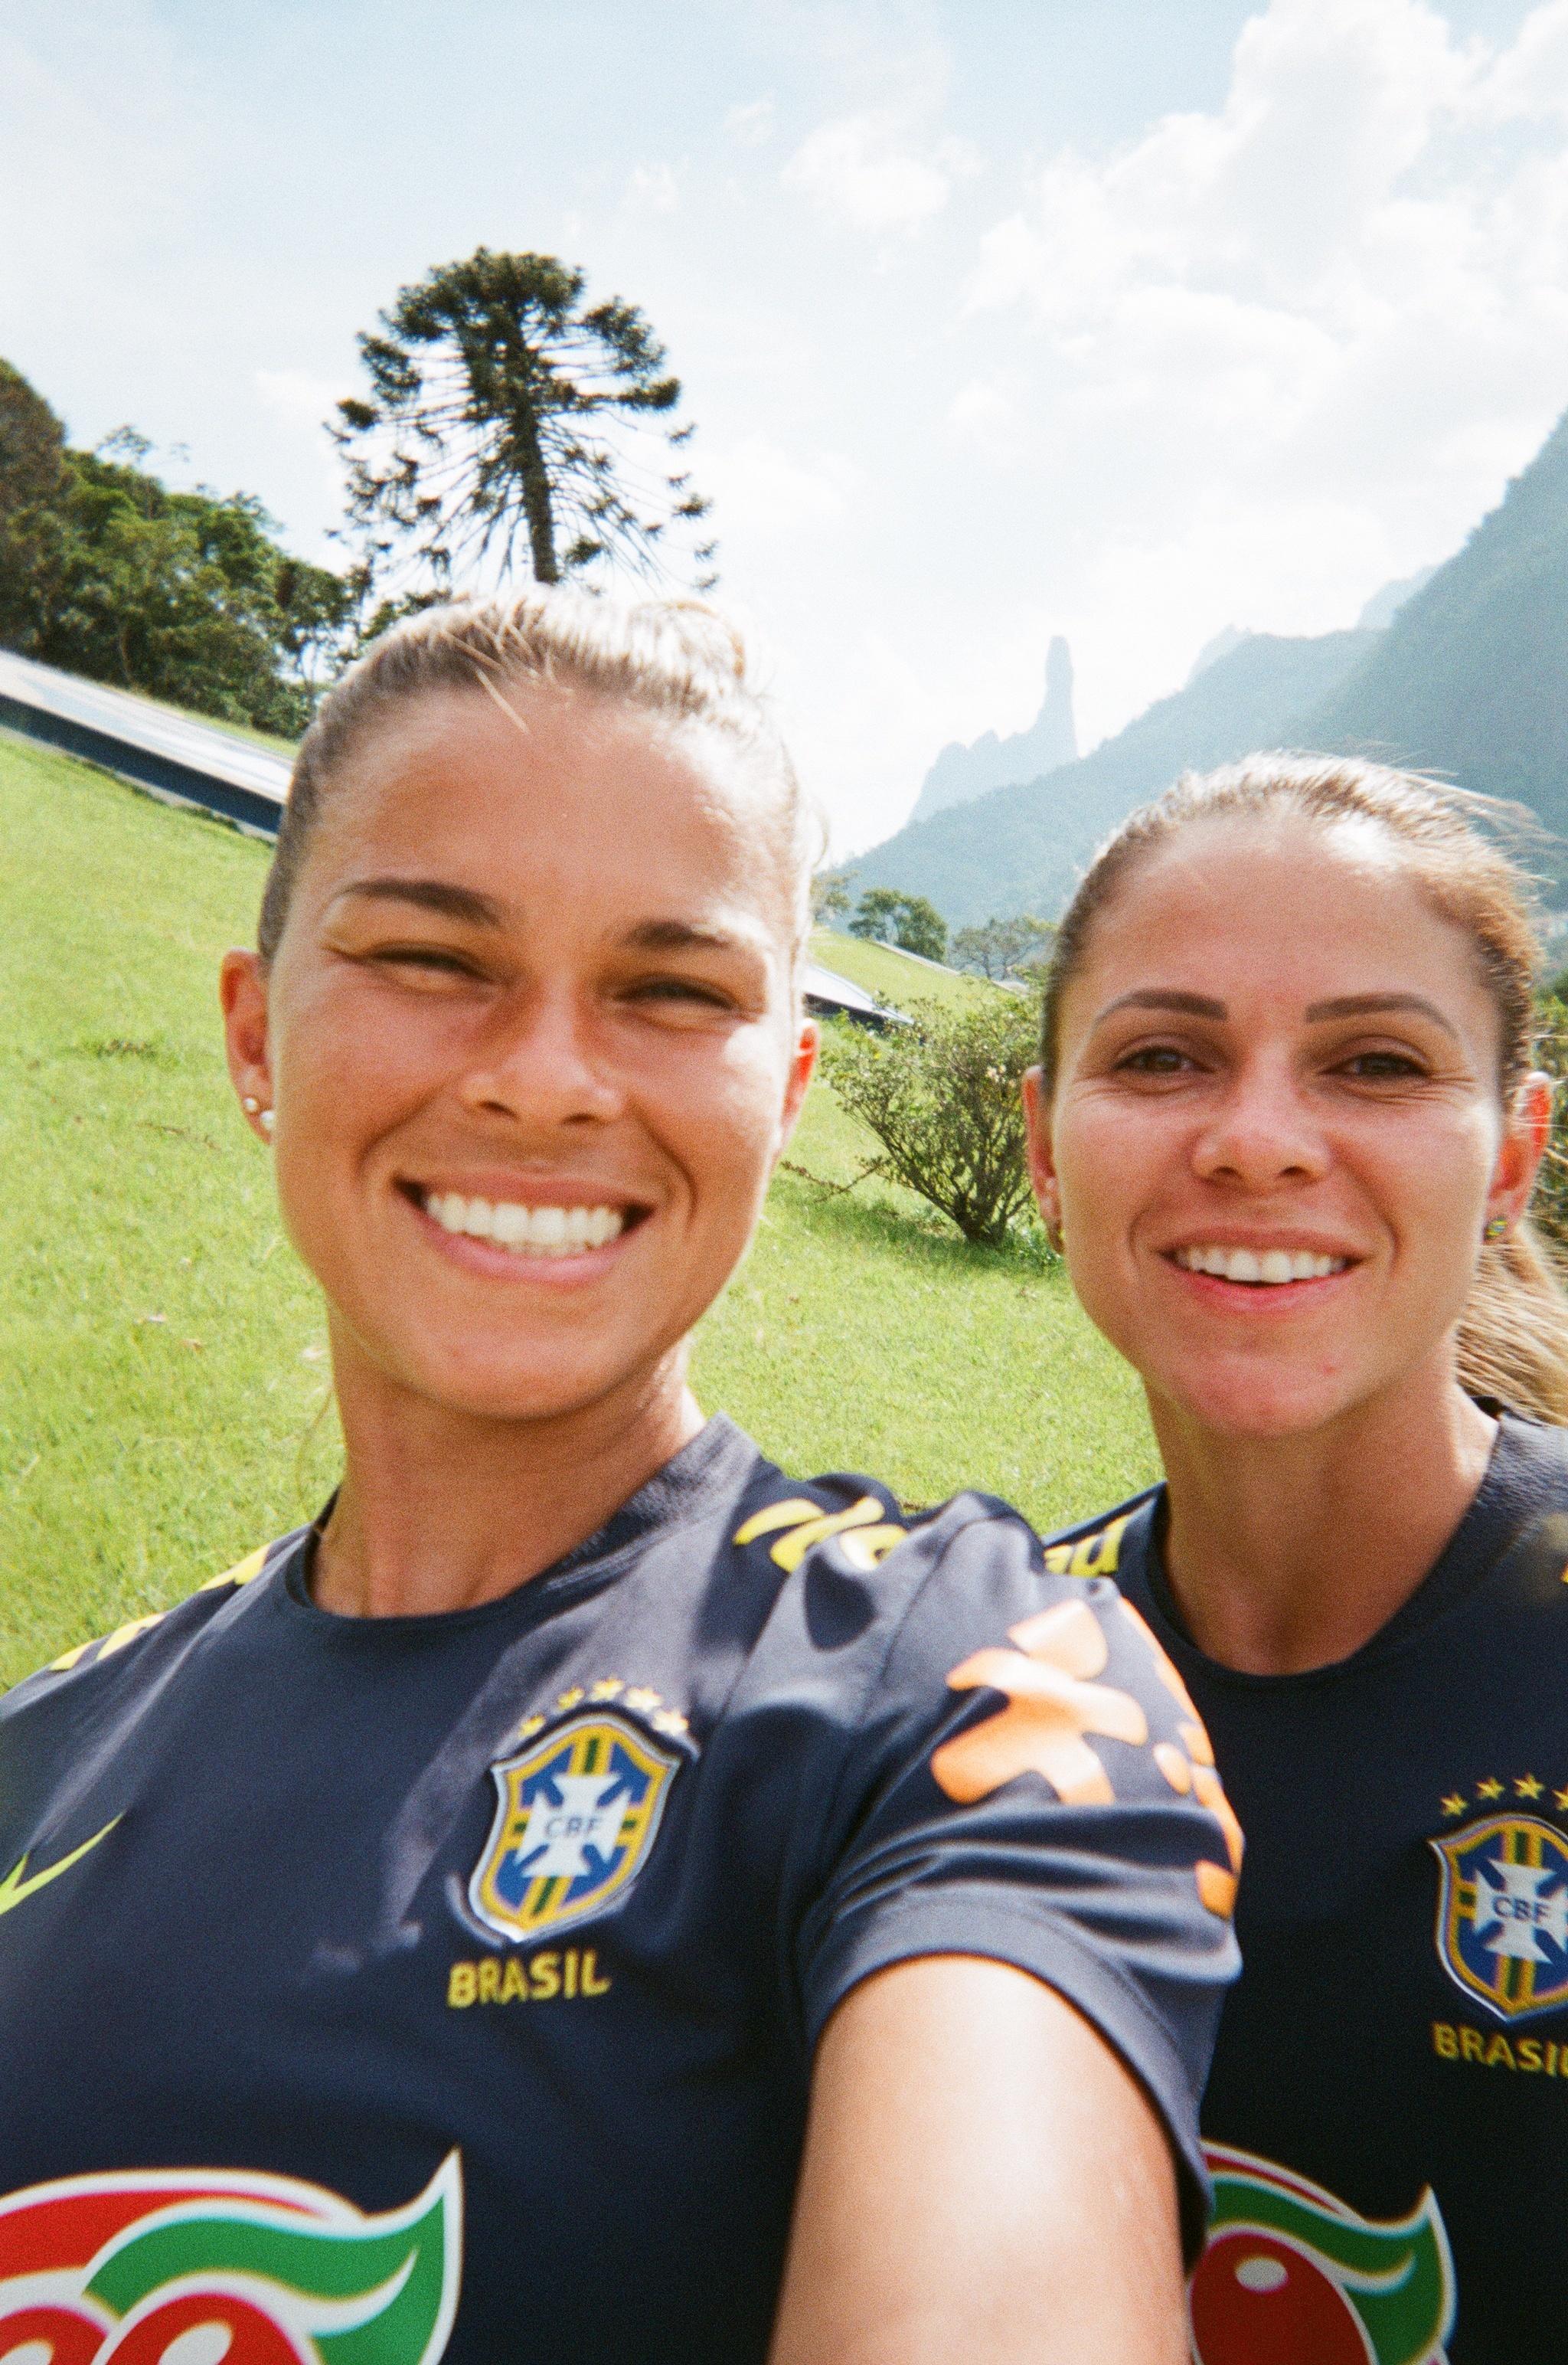 Tamires (Brazil) 7.jpg